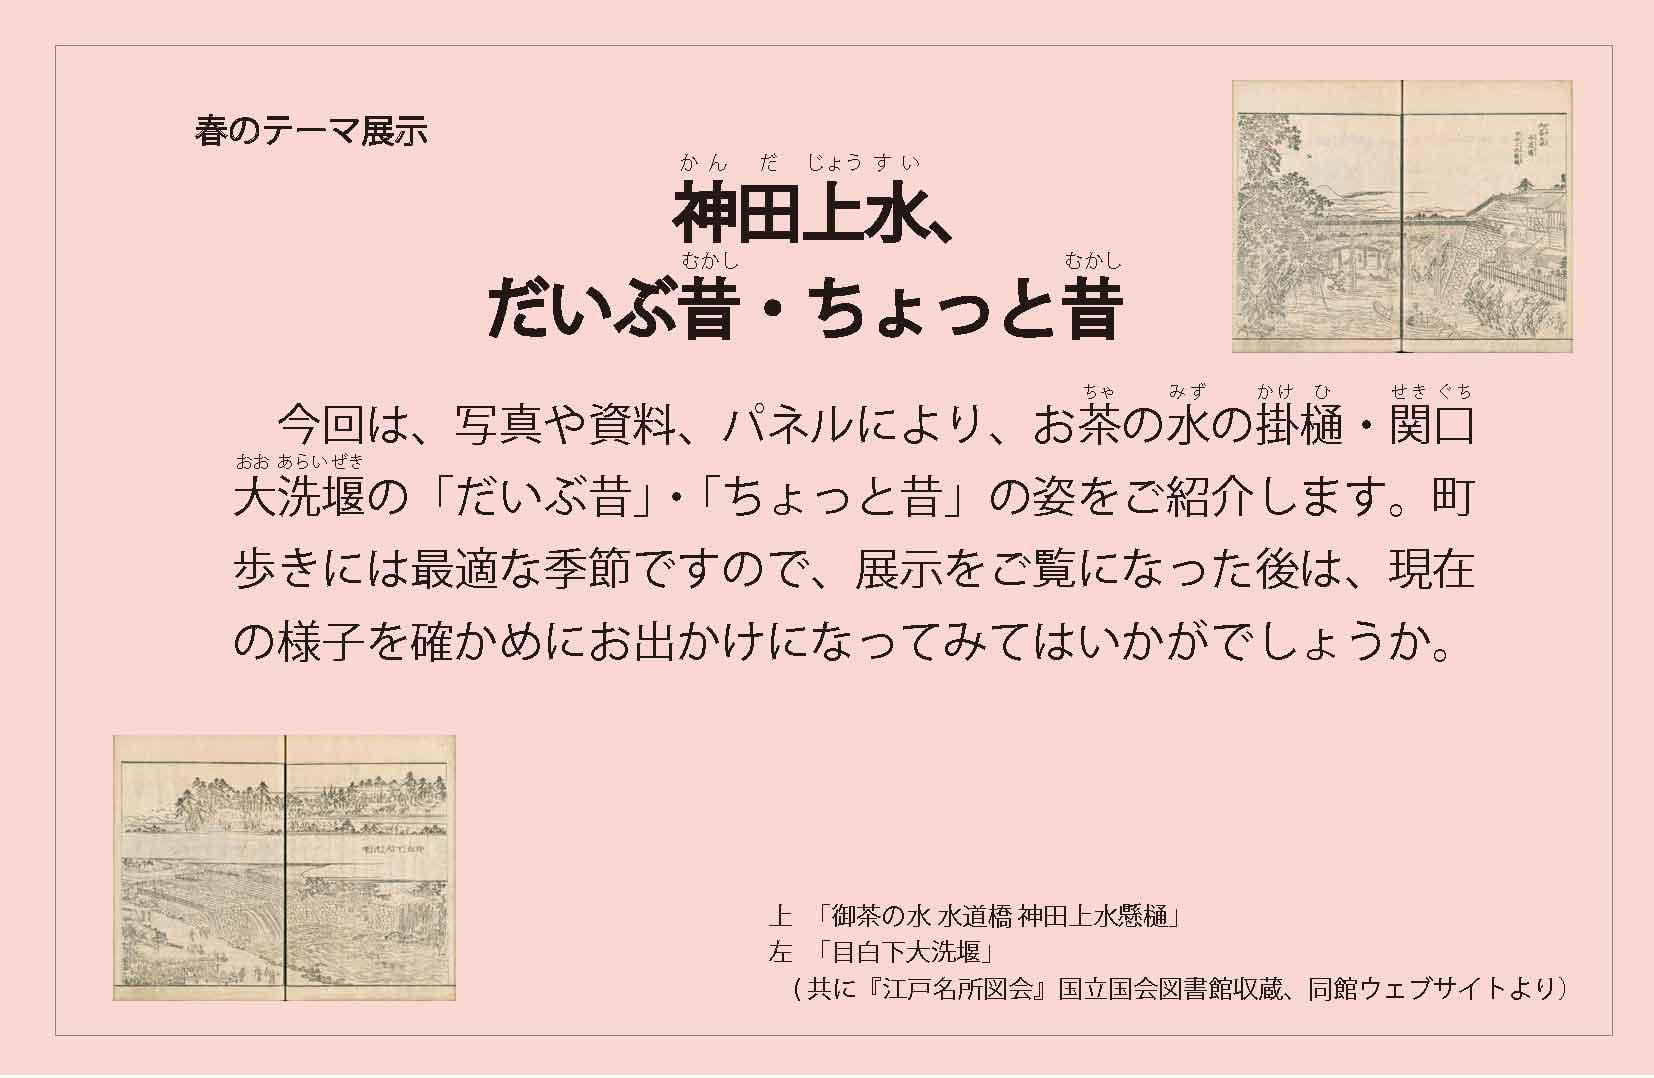 春のテーマ展示「神田上水 だいぶ昔、ちょっと昔」